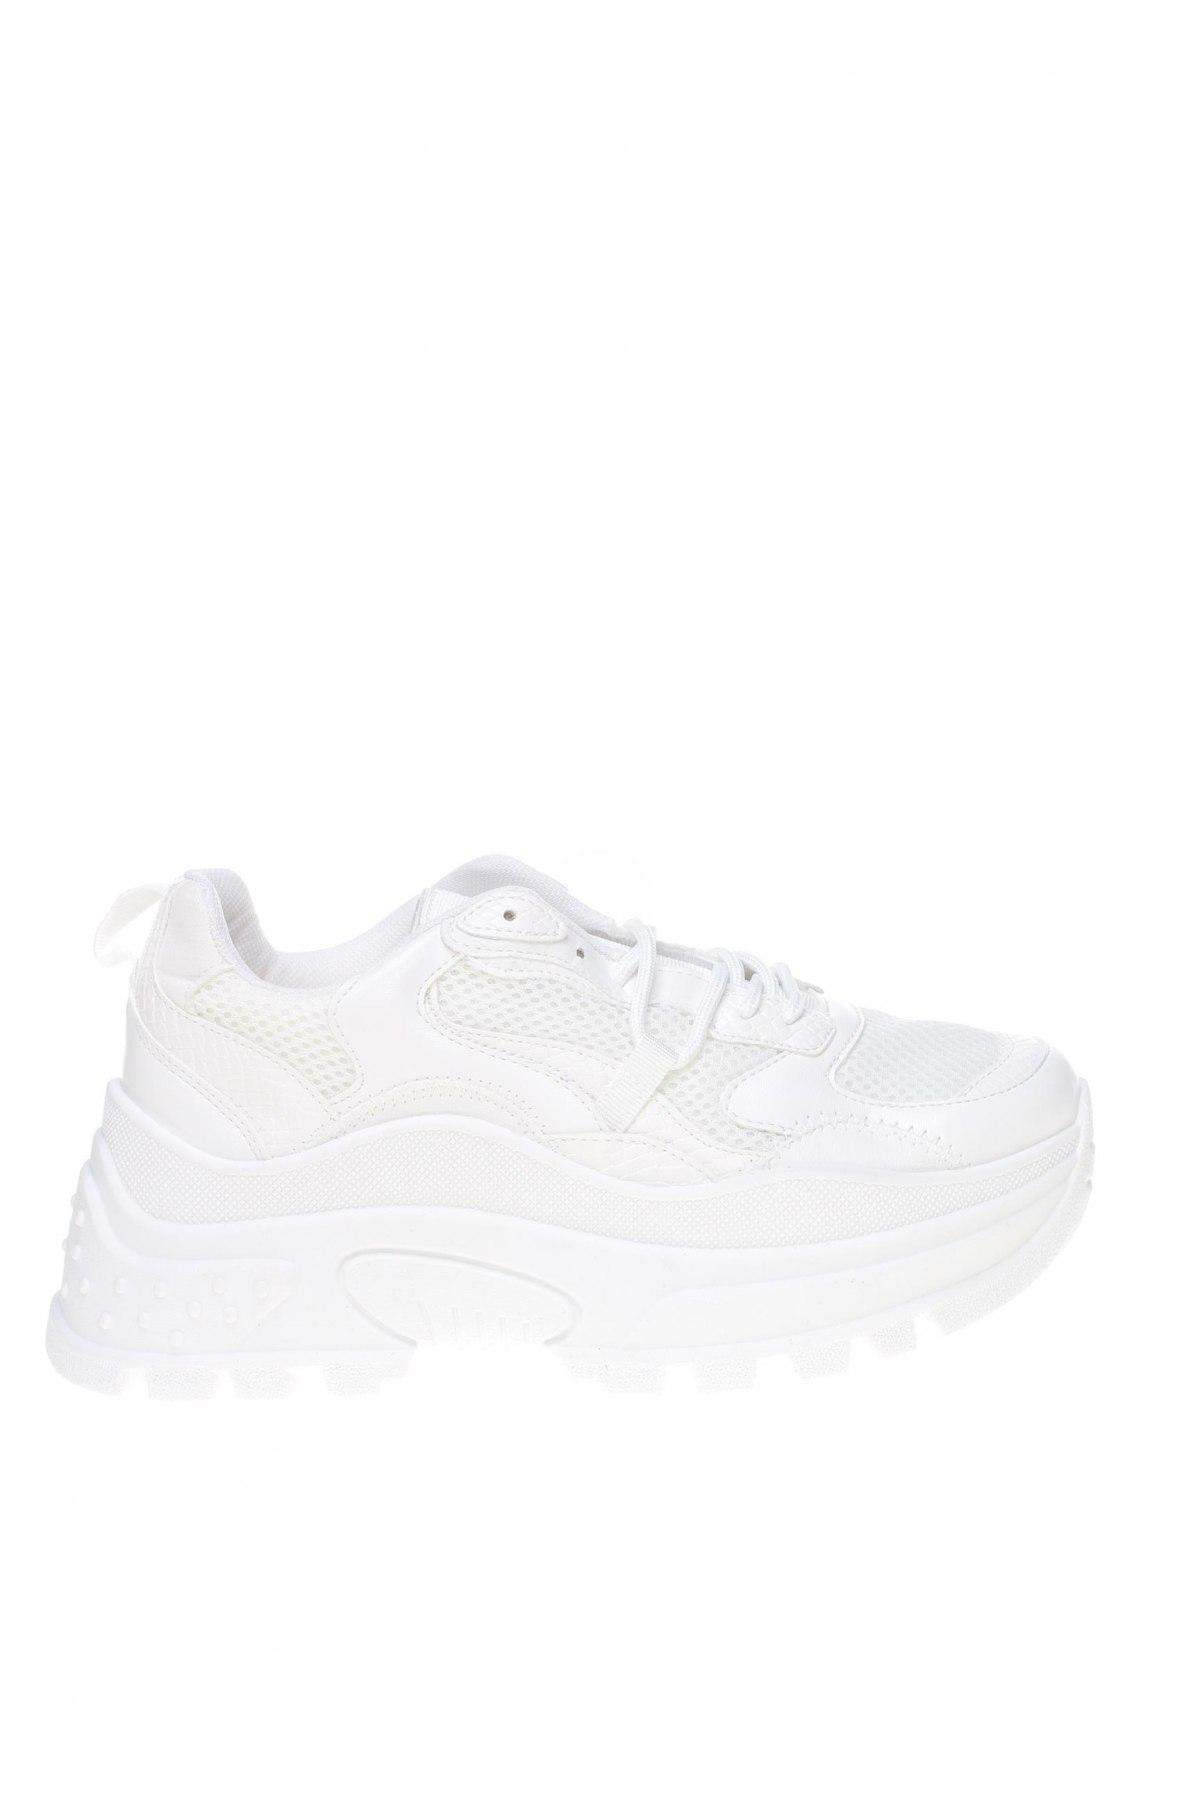 Дамски обувки Topshop, Размер 38, Цвят Бял, Еко кожа, текстил, Цена 53,40лв.